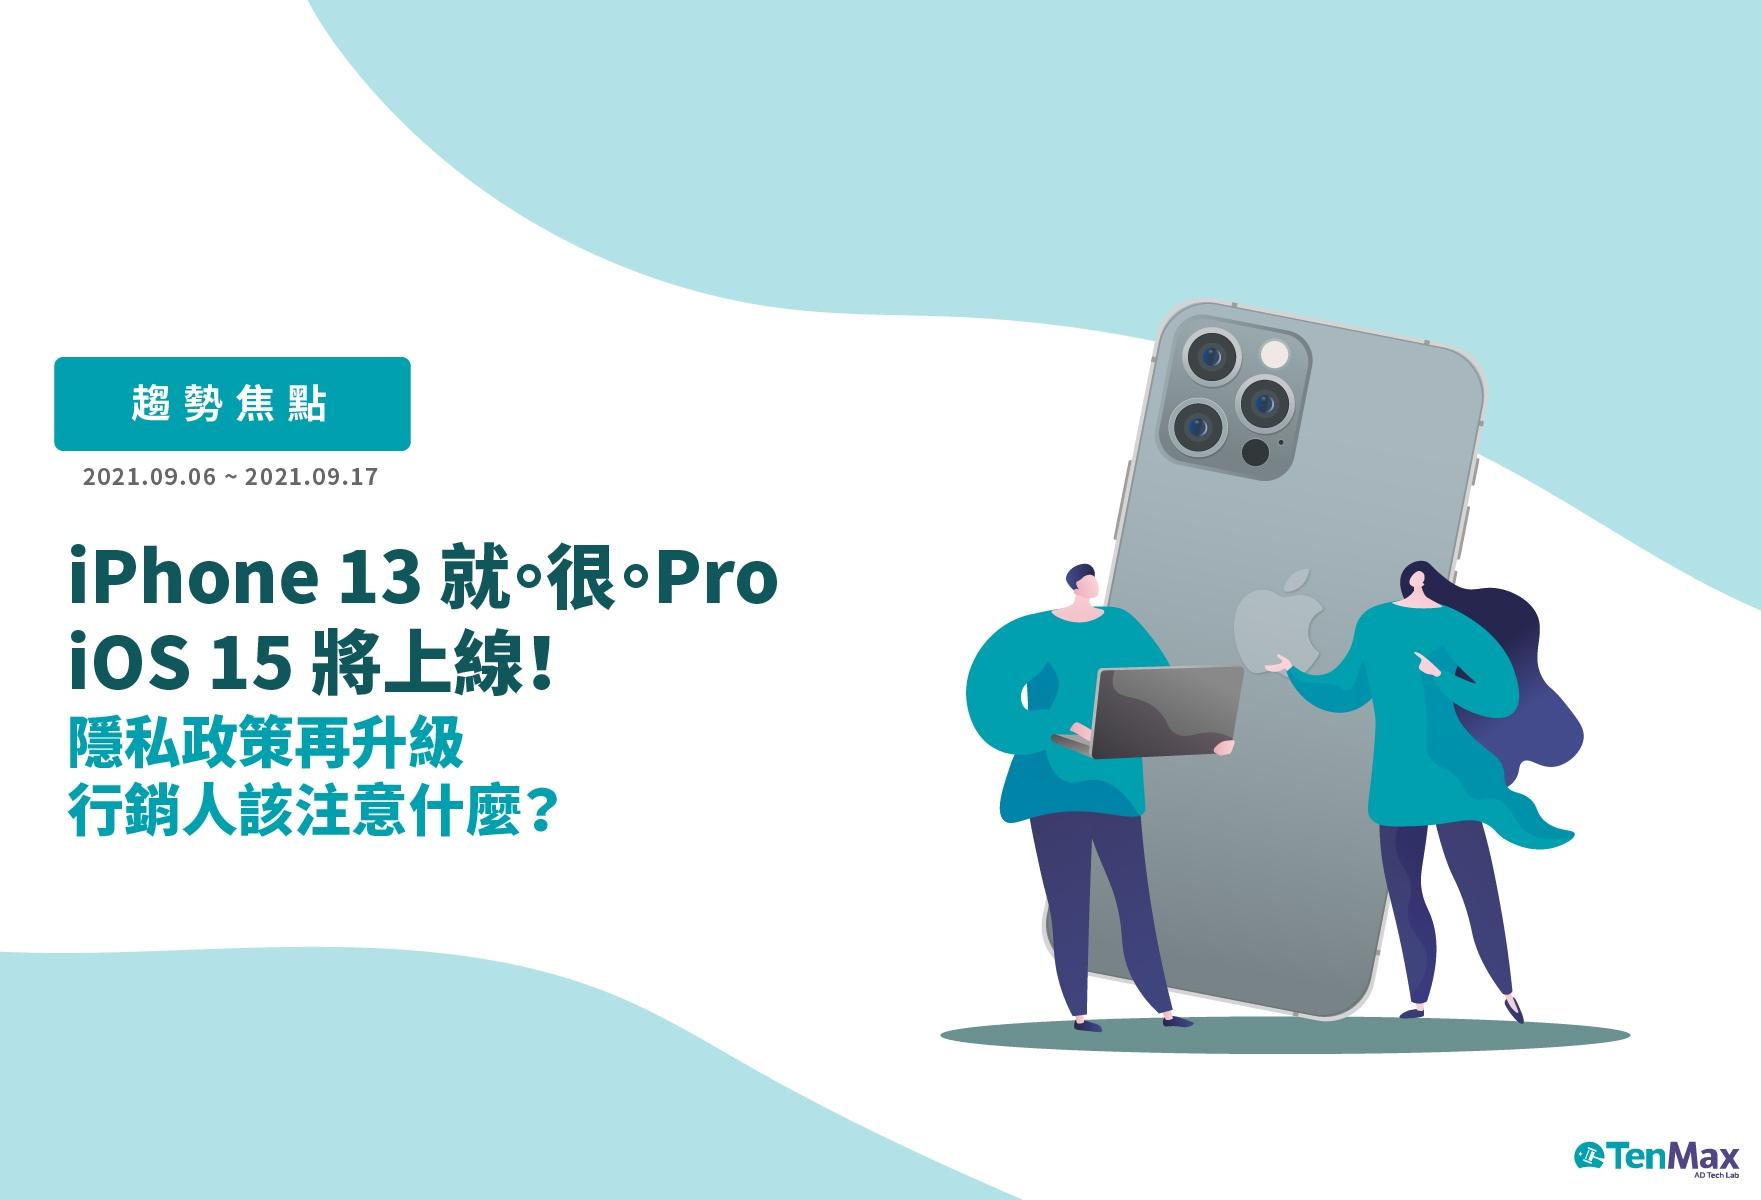 【動腦雜誌】 iOS 15將上線,隱私政策再升級;臉書測試自動化廣告工具